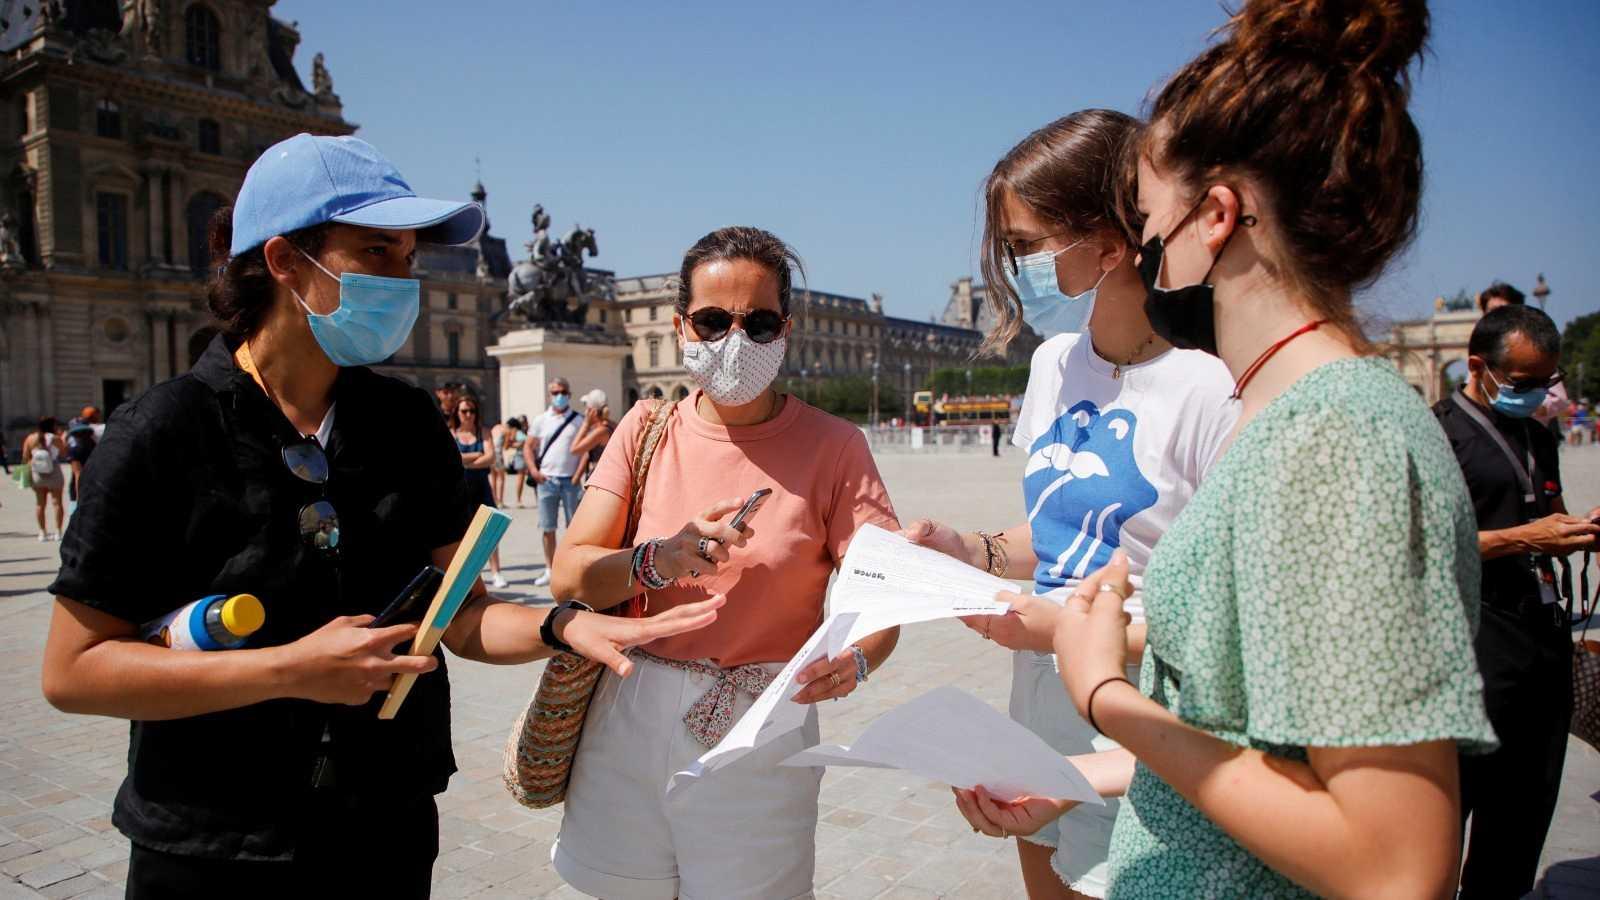 Un agente de seguridad comprueba los certificados COVID de las visitantes al Louvre, en París